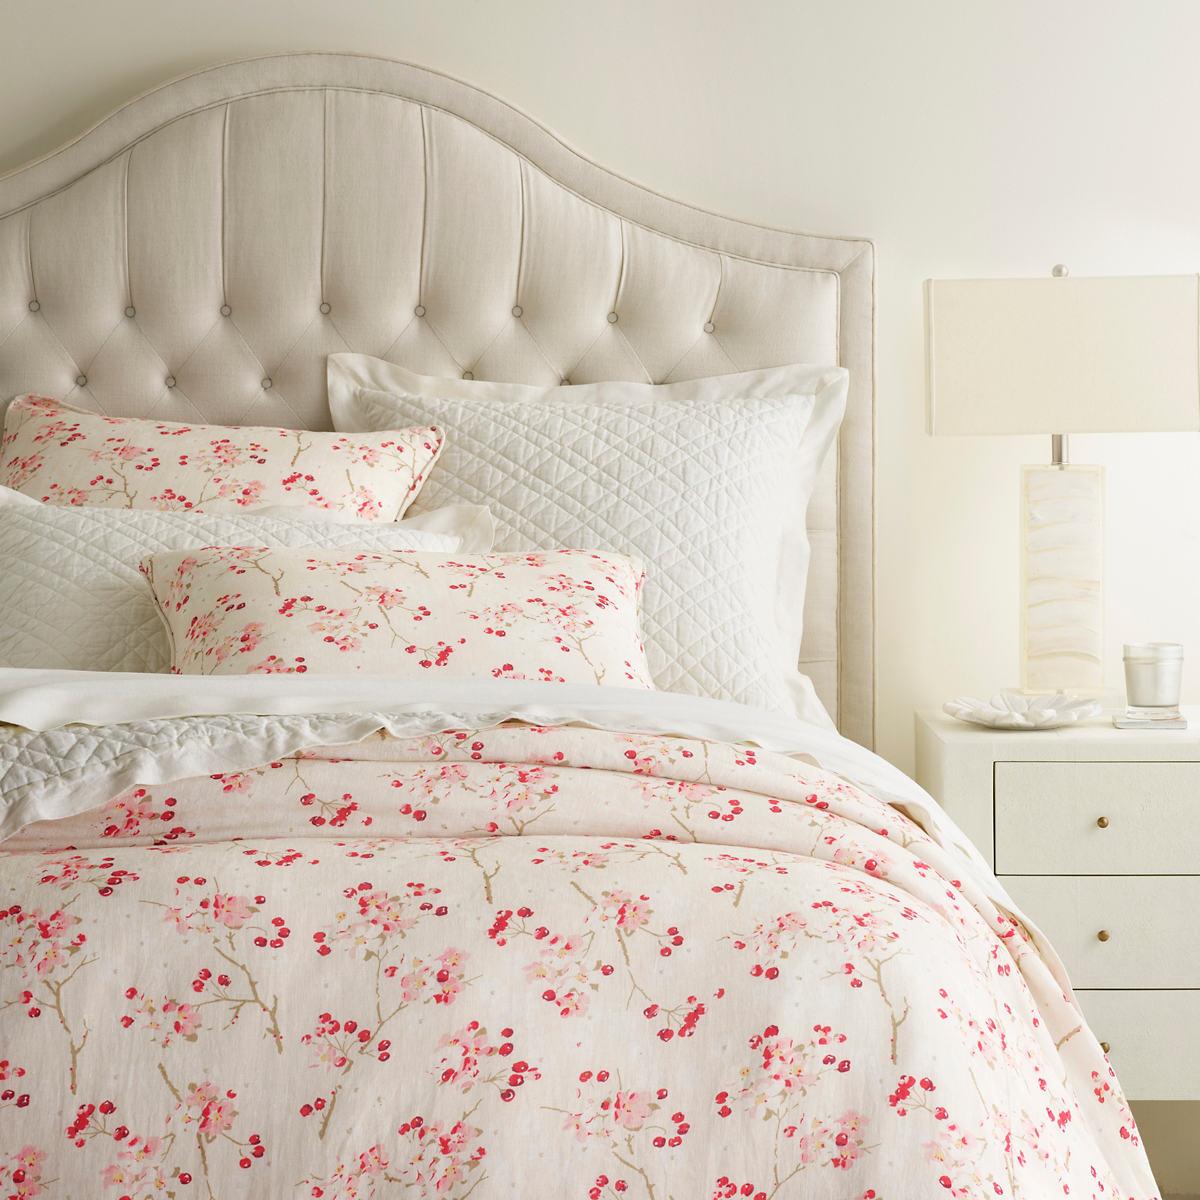 Cherry Blossom Linen Duvet Cover